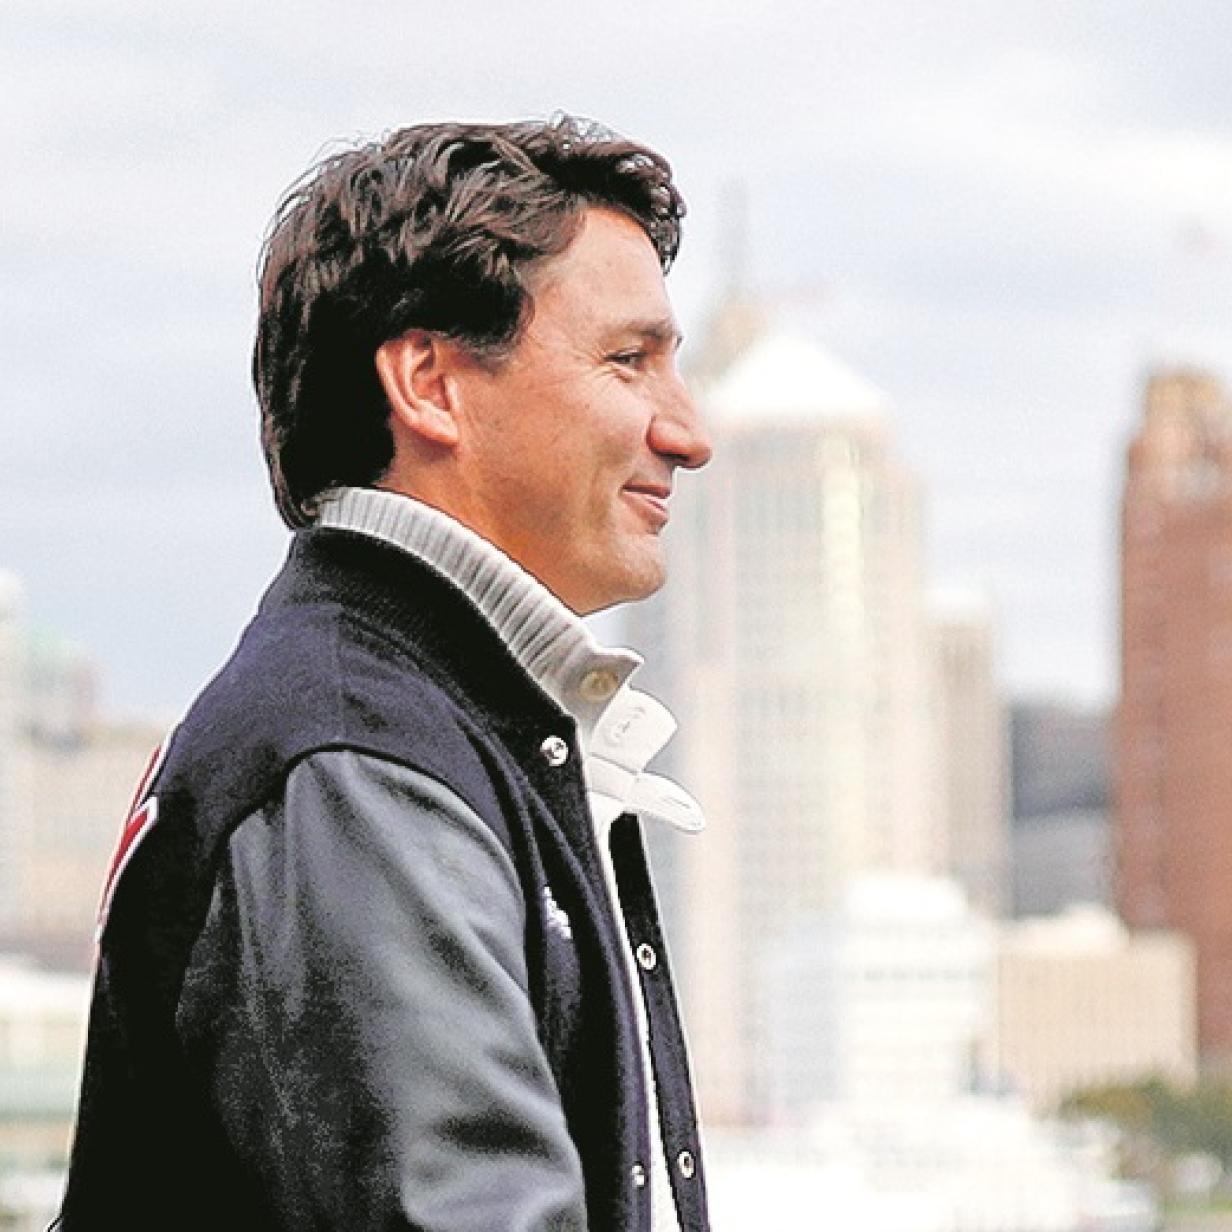 Kanada: Für Justin Trudeau könnte es eng werden